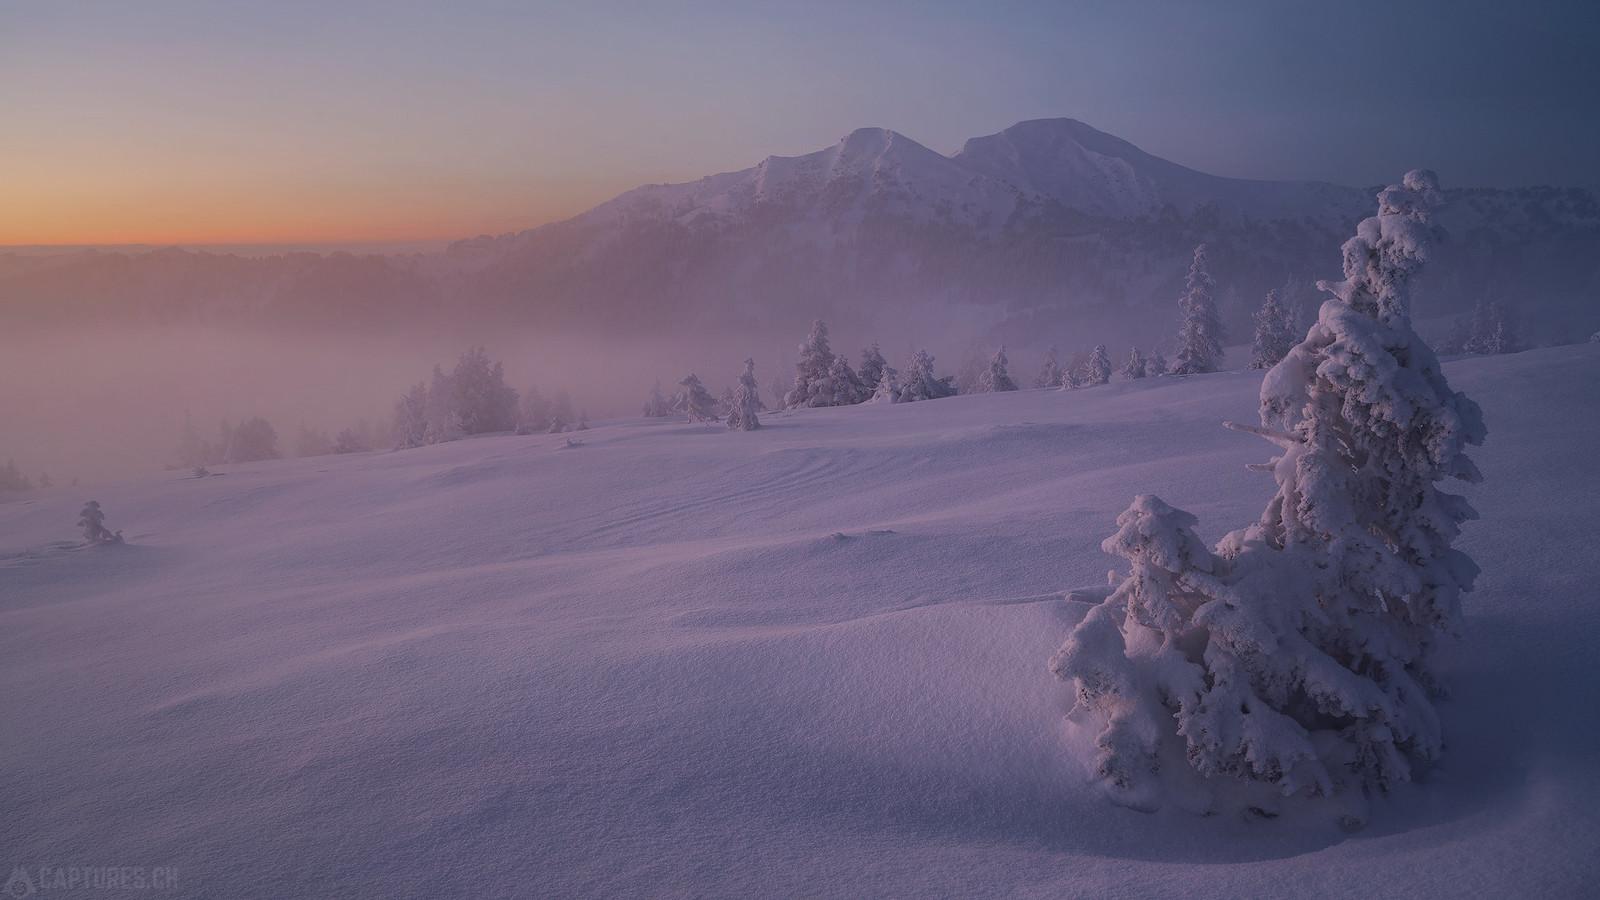 Colored winter landscape - Zentralschweiz